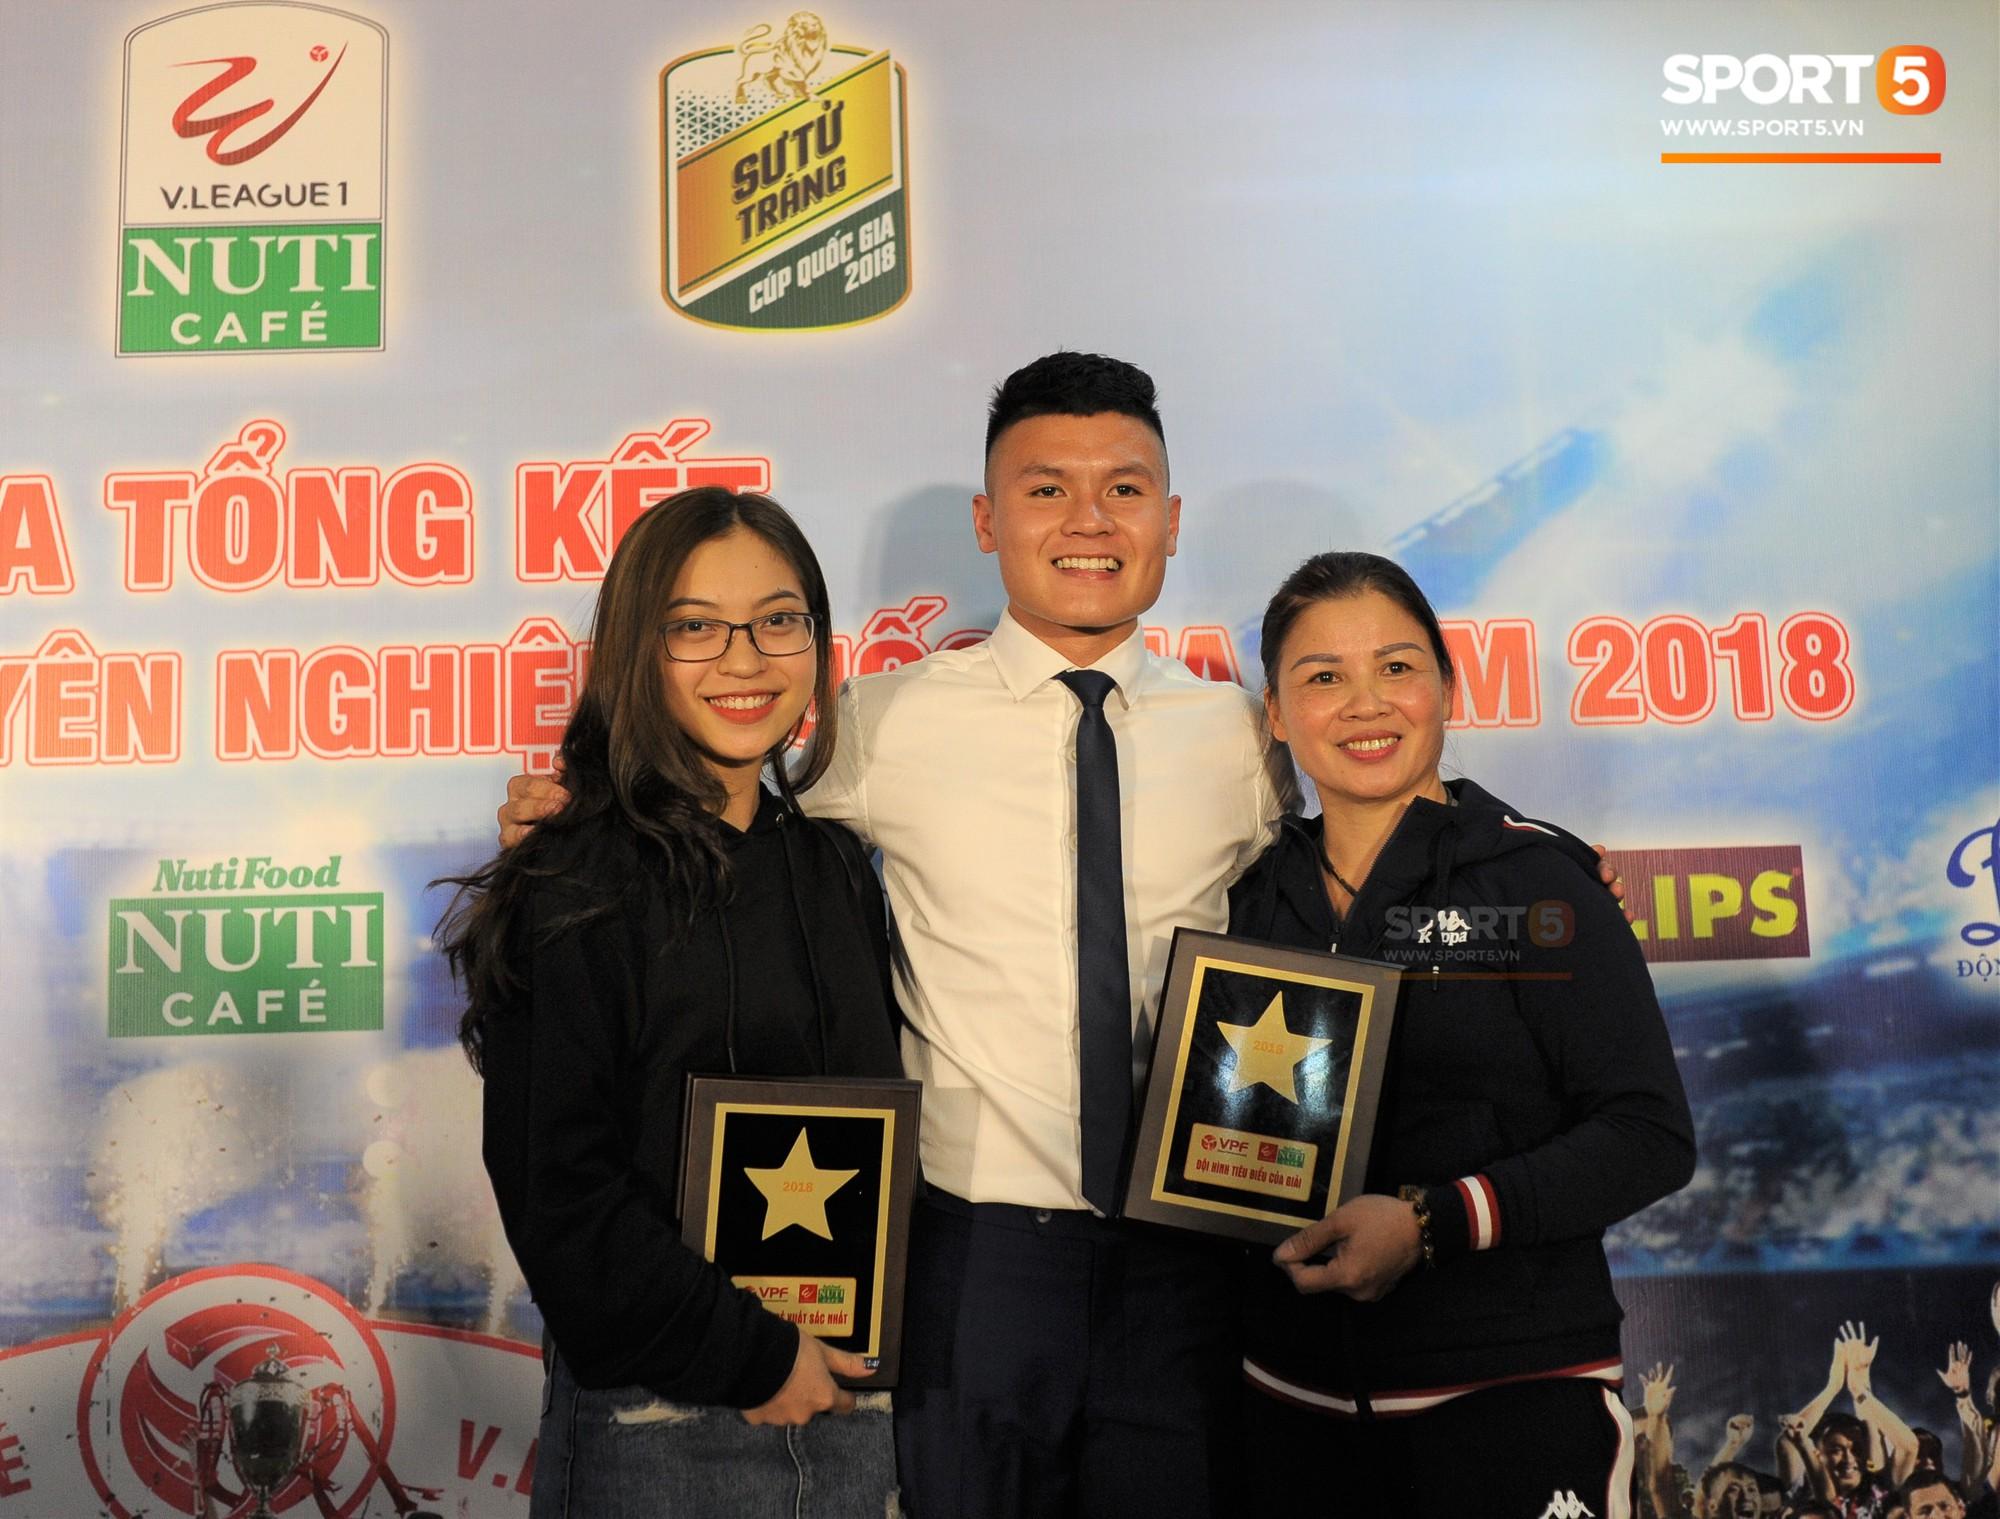 Quang Hải quấn quýt bên mẹ và bạn gái trong ngày nhận danh hiệu Cầu thủ trẻ xuất sắc nhất.-1